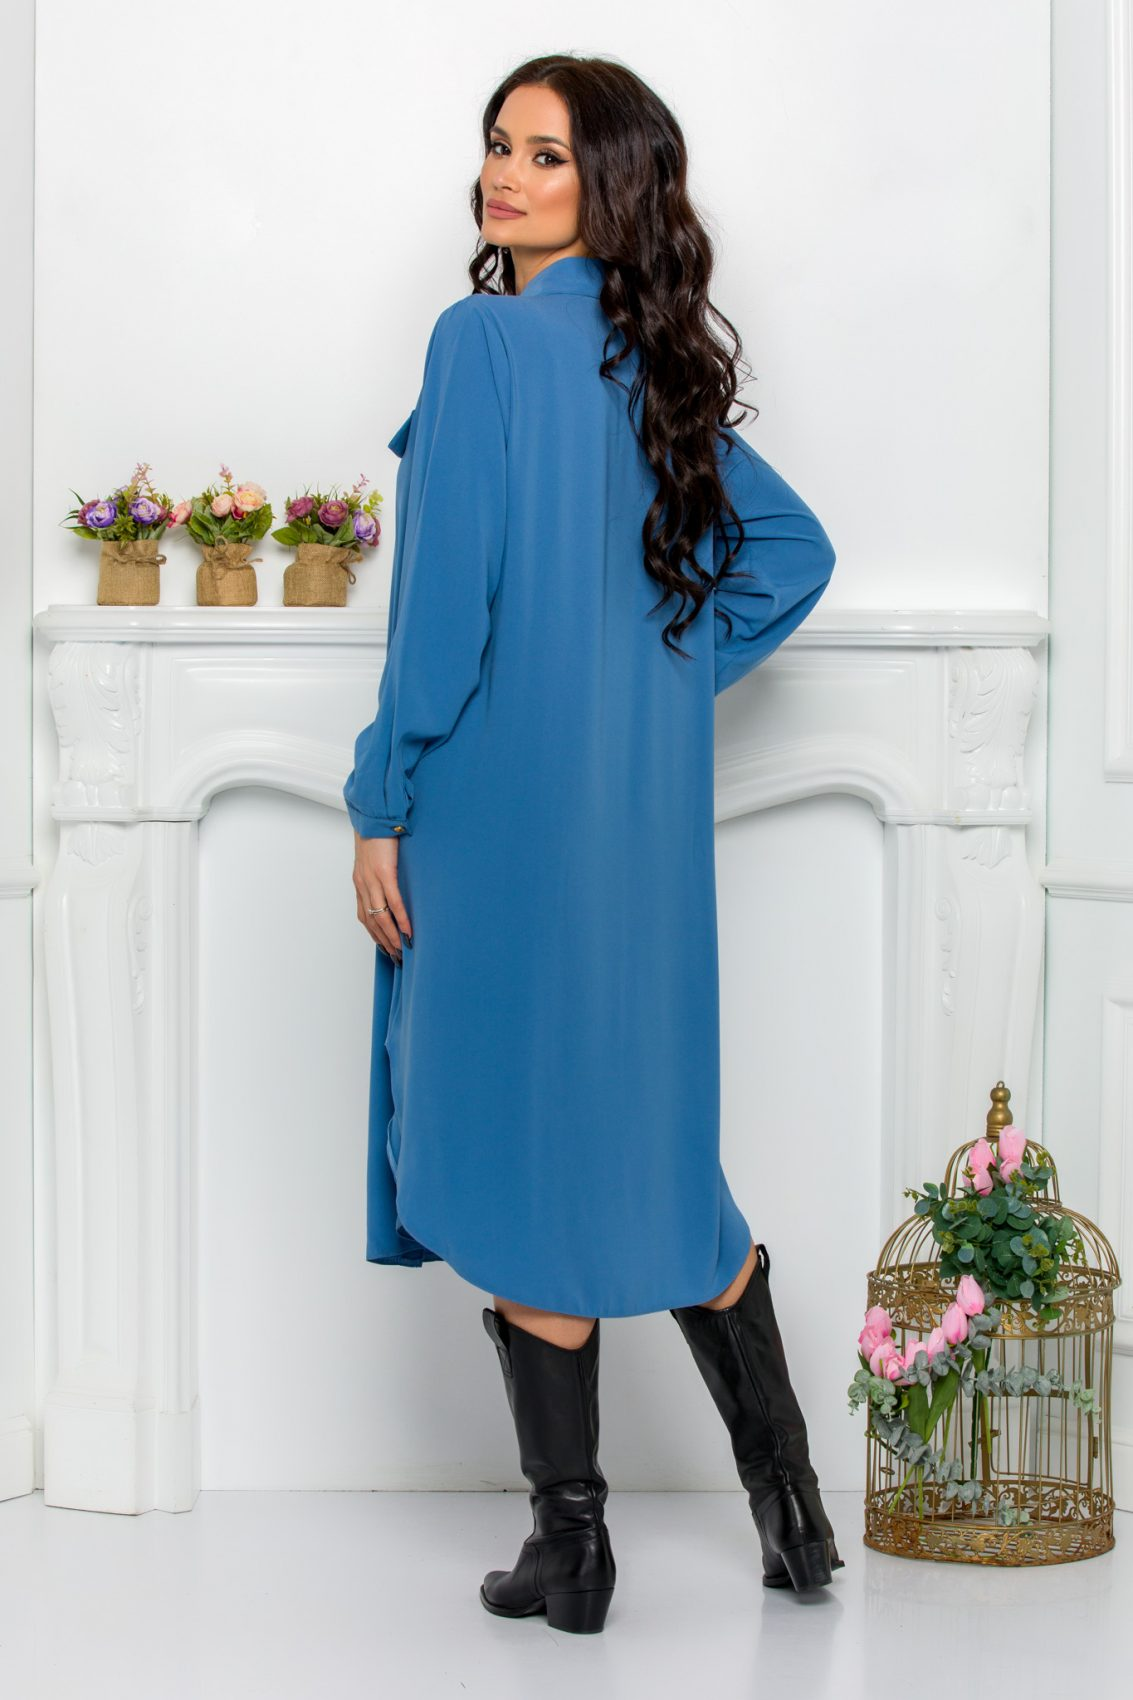 Μπλε Φόρεμα Πουκάμισο Μεγάλα Μεγέθη Kandy 9526 2